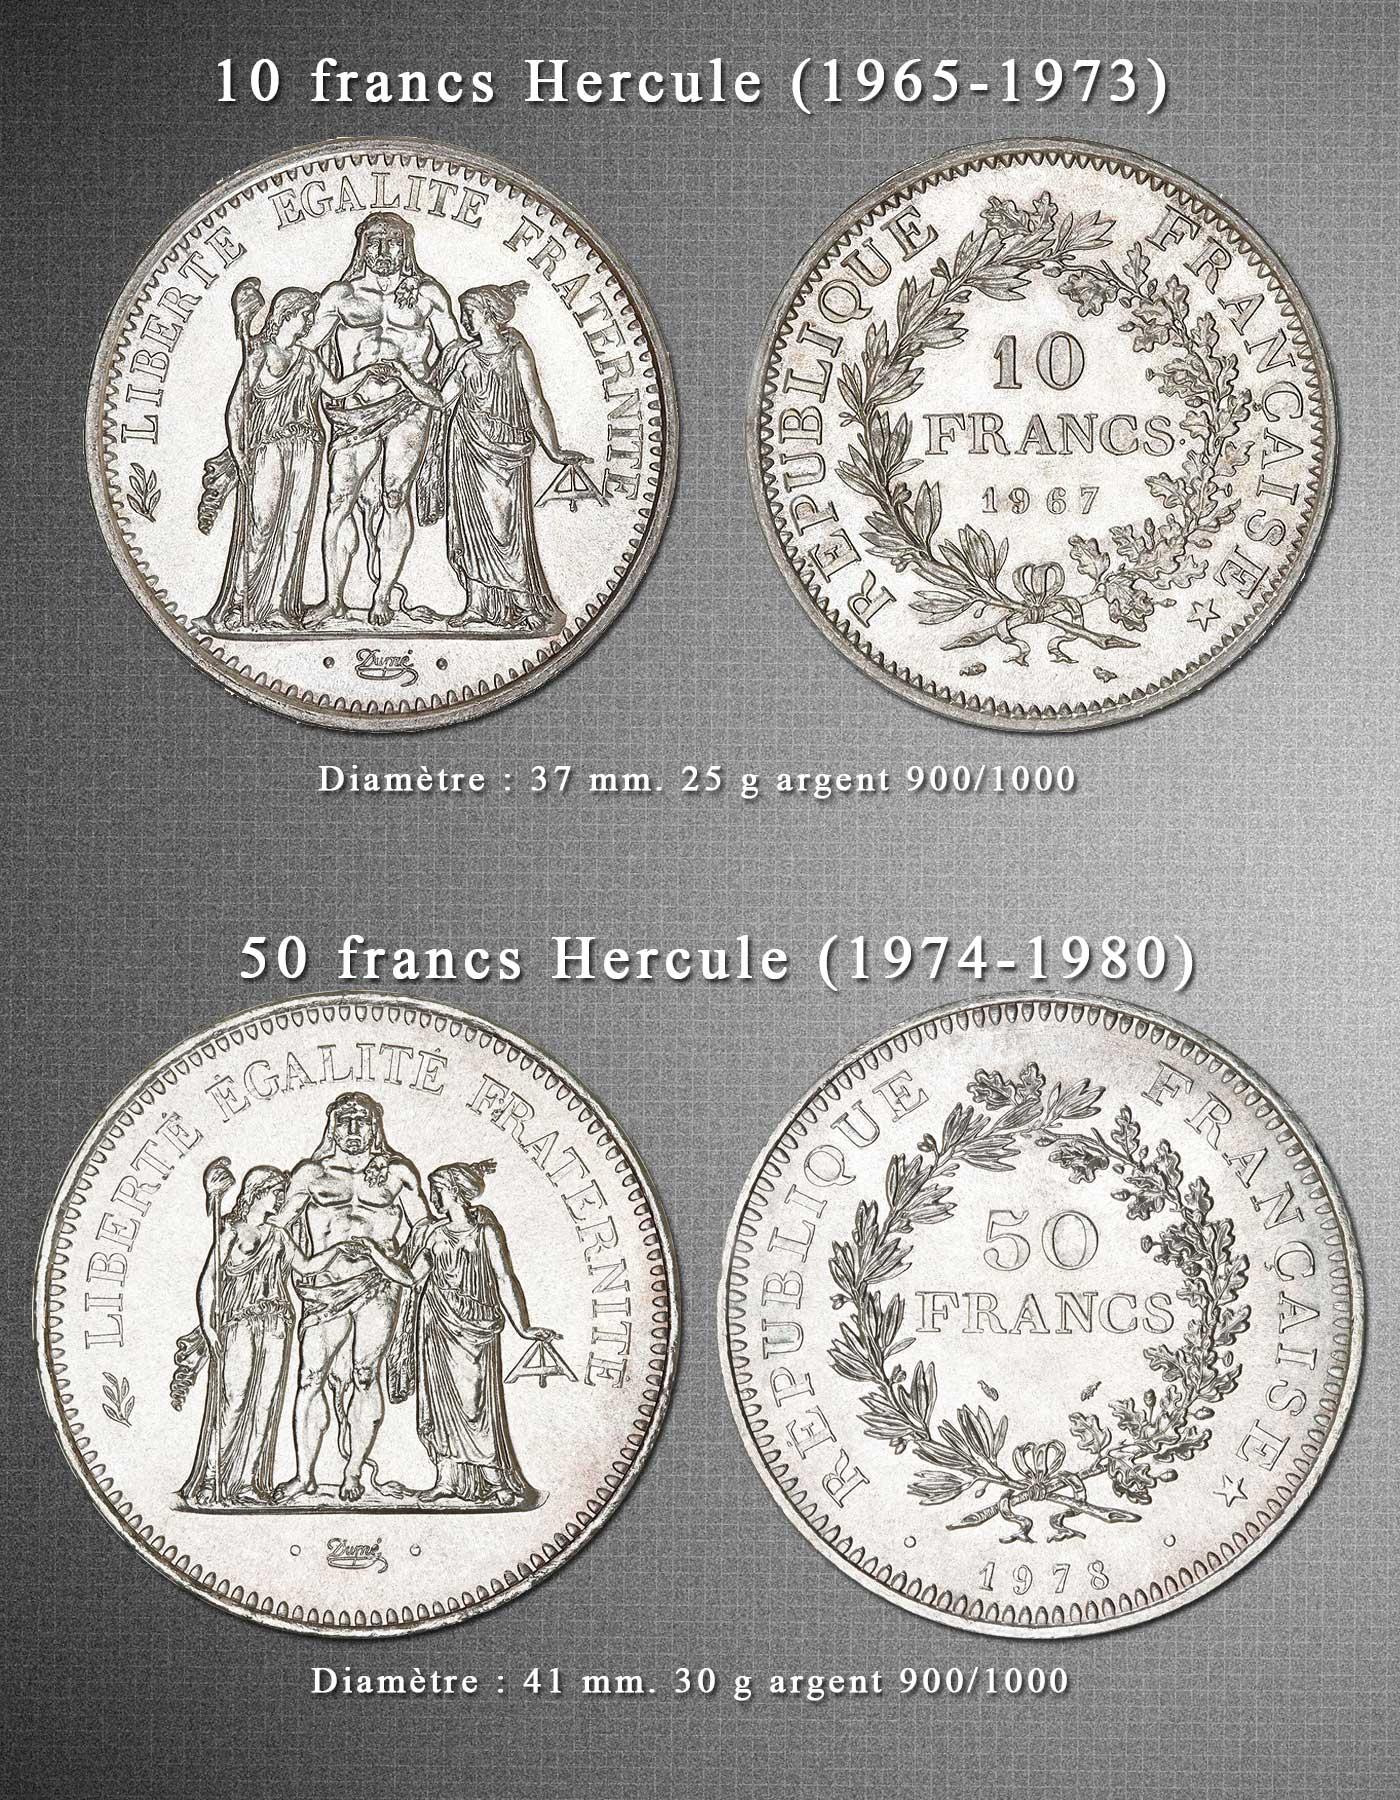 Pièces françaises en argent de 10 francs Hercule et 50 francs Hercule